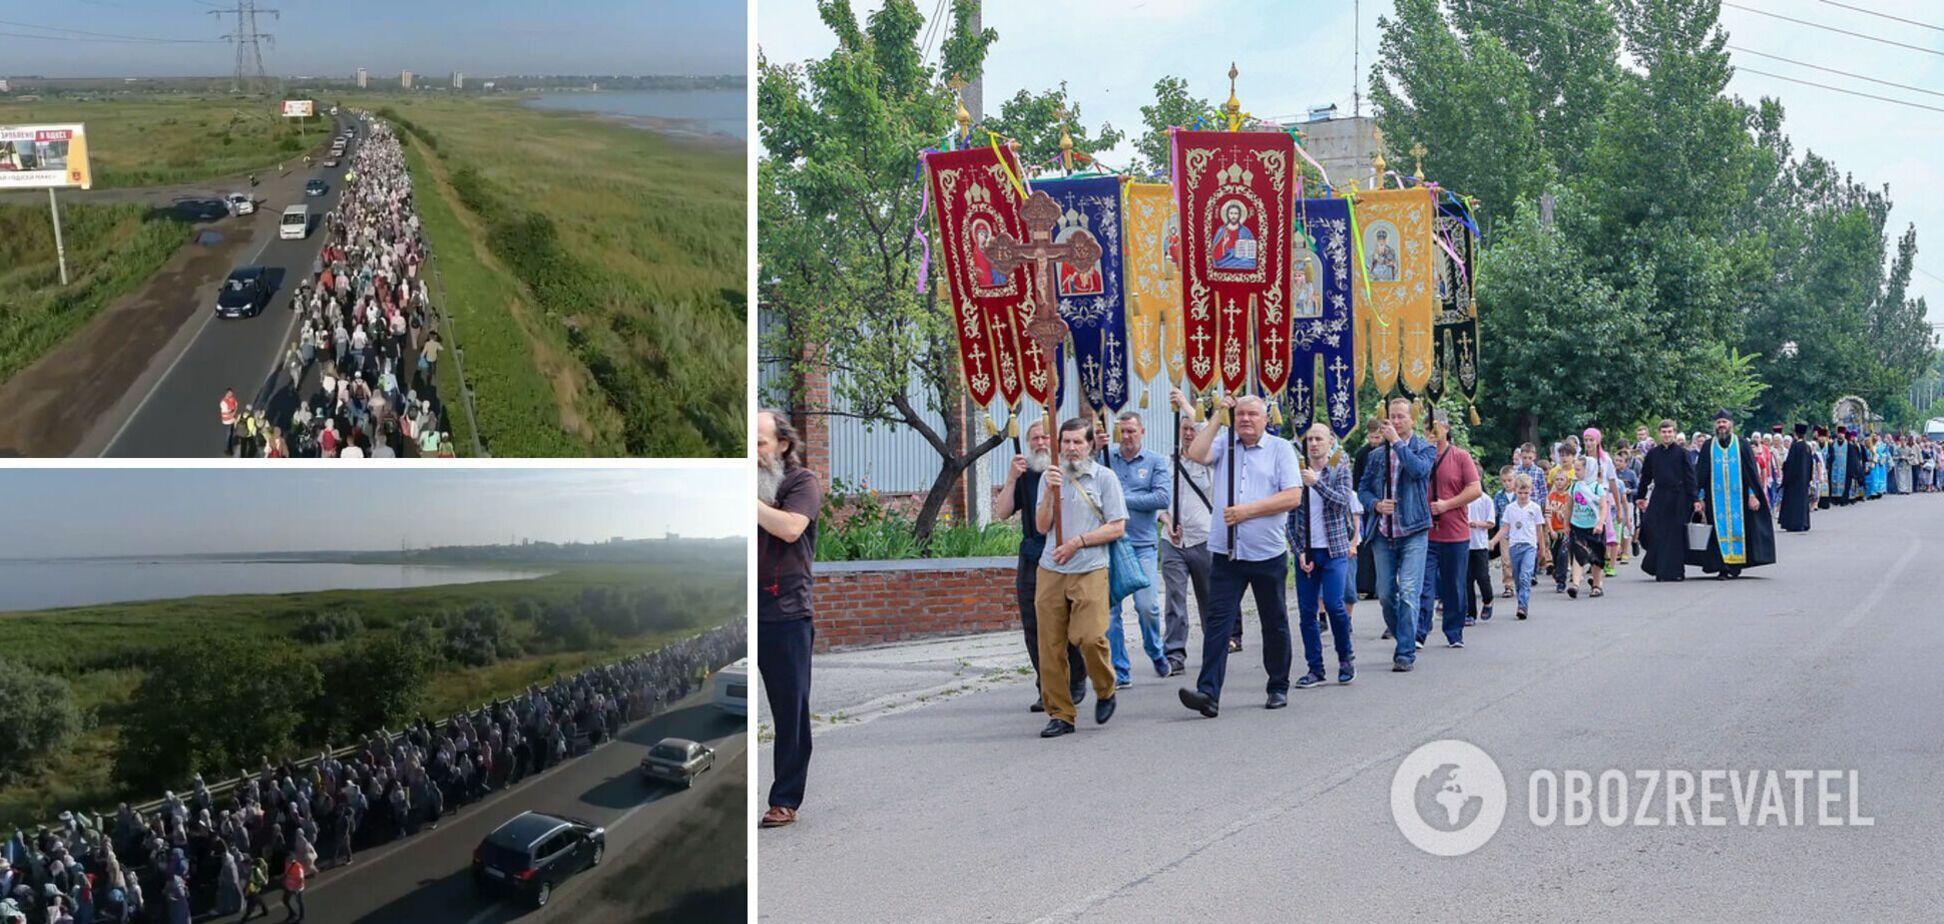 Под Одессой транспортный коллапс из-за крестного хода верующих. Фото, видео